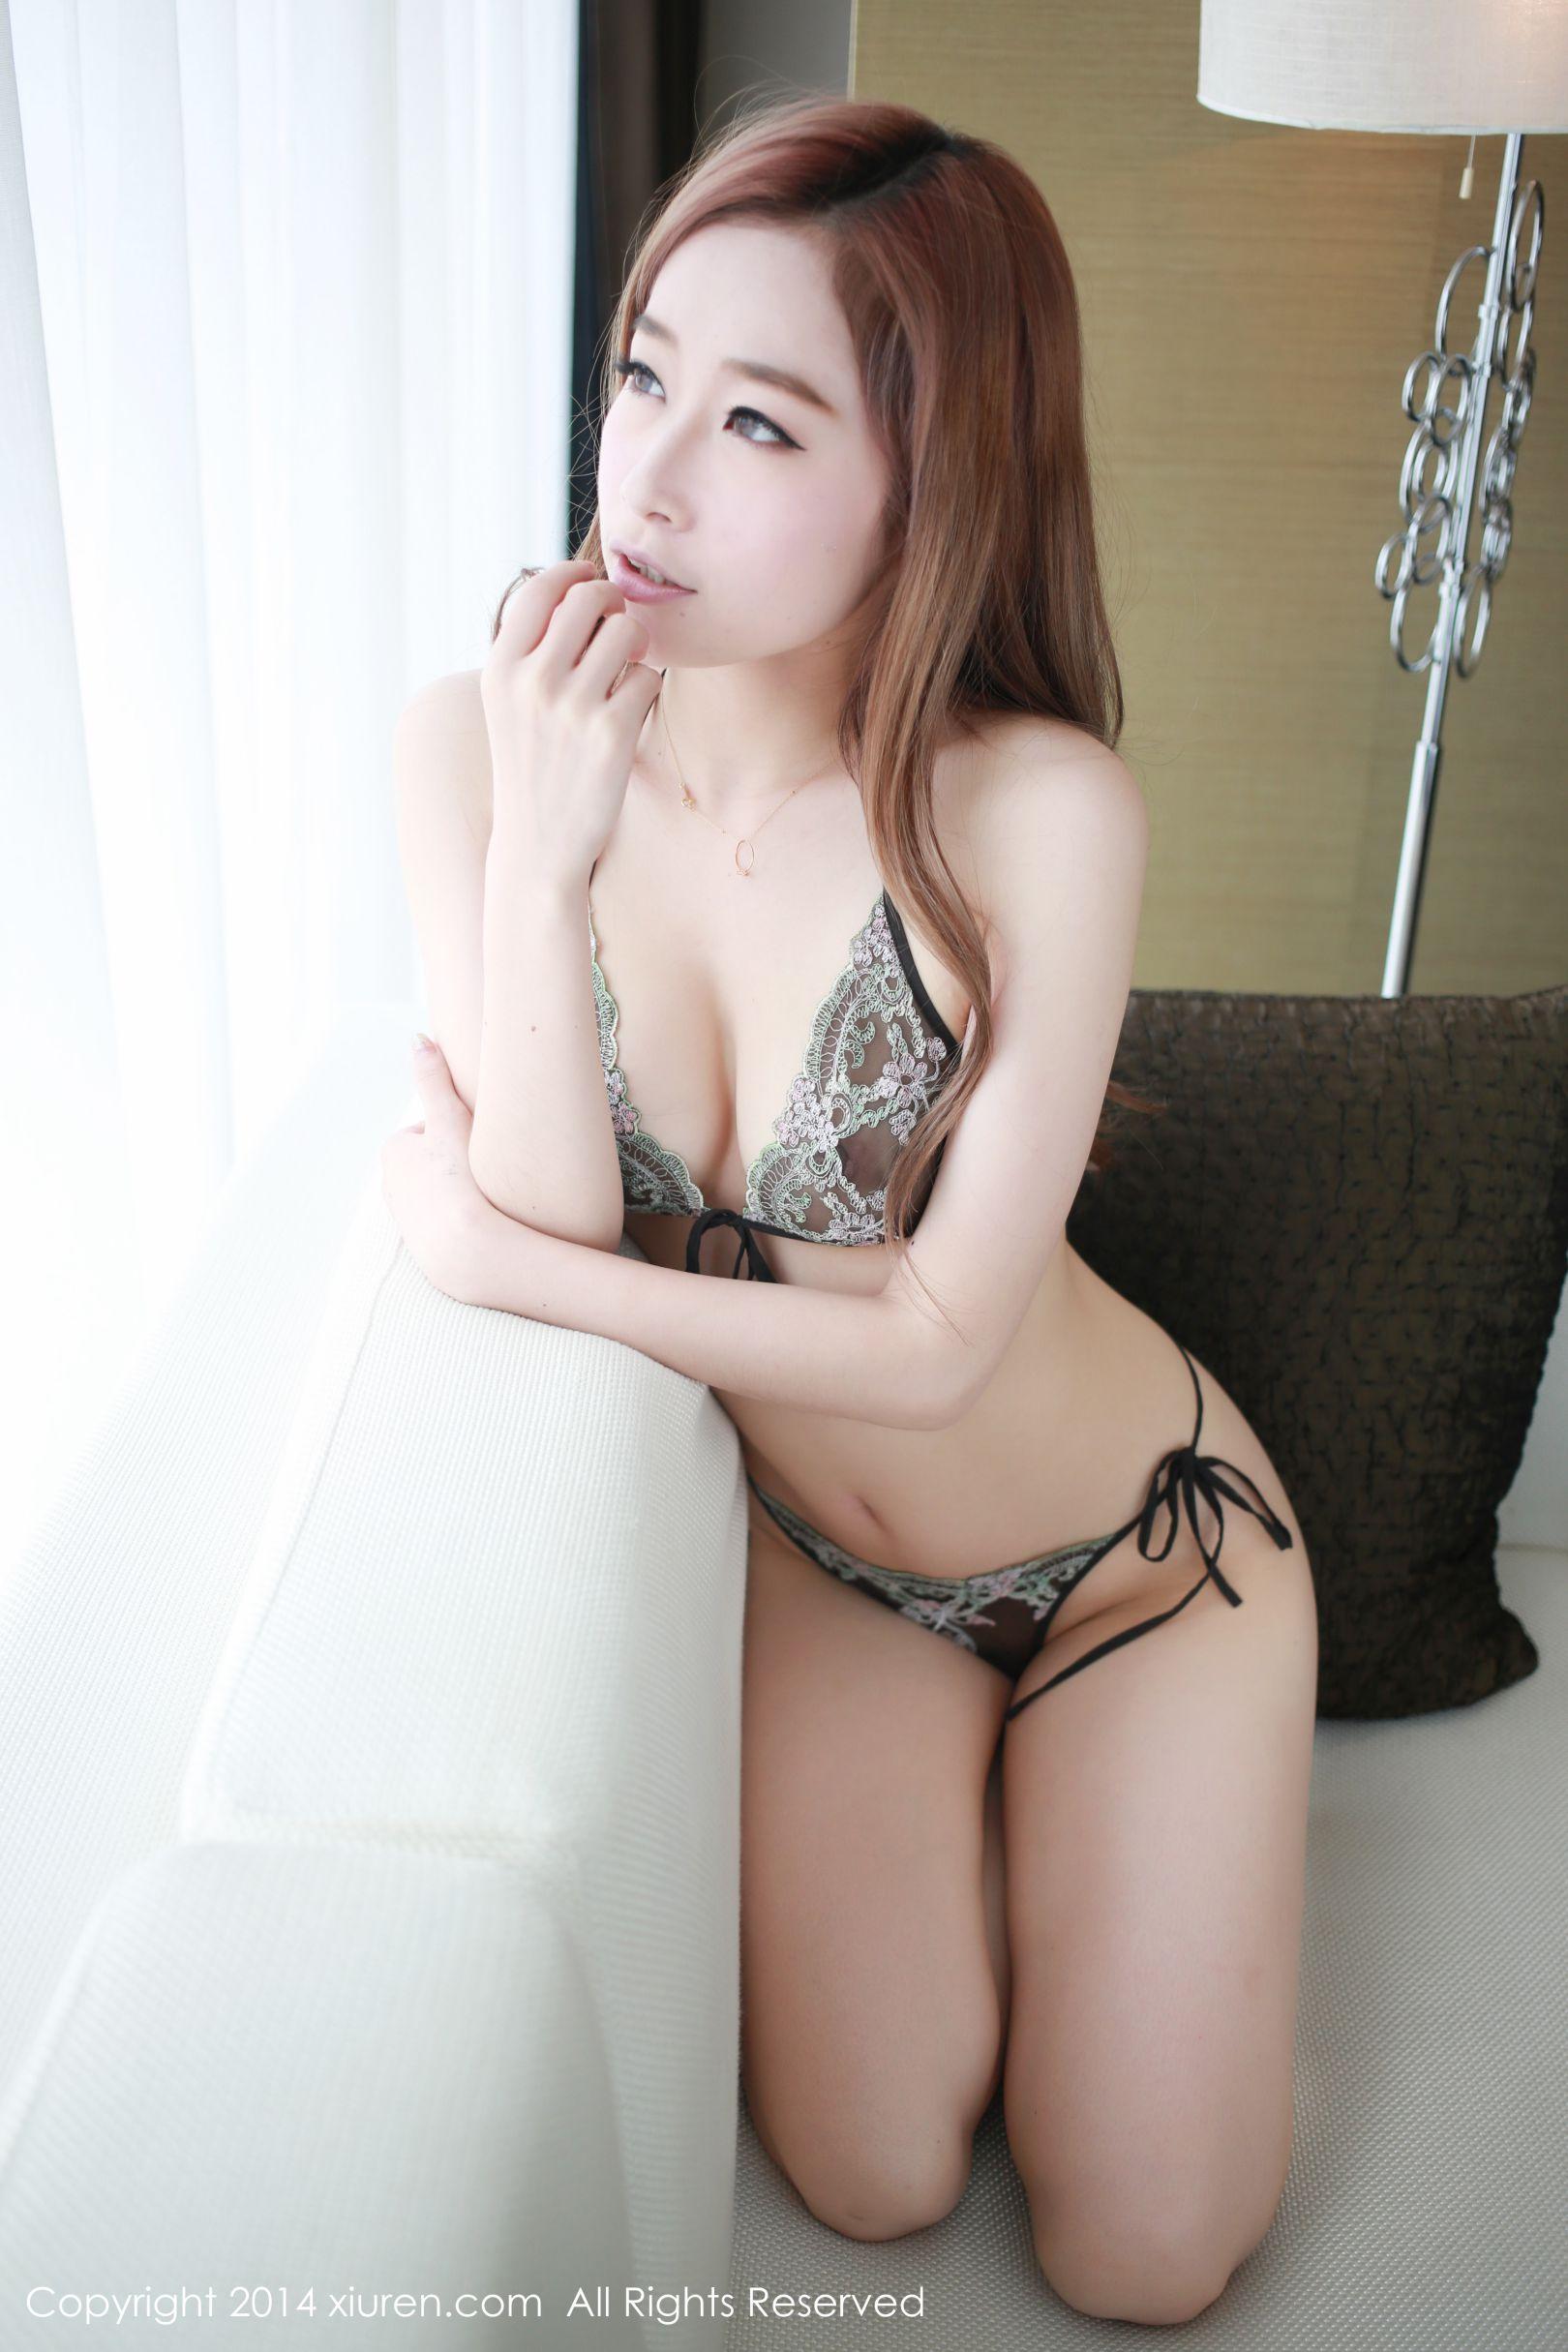 陈思雨Mango 1st